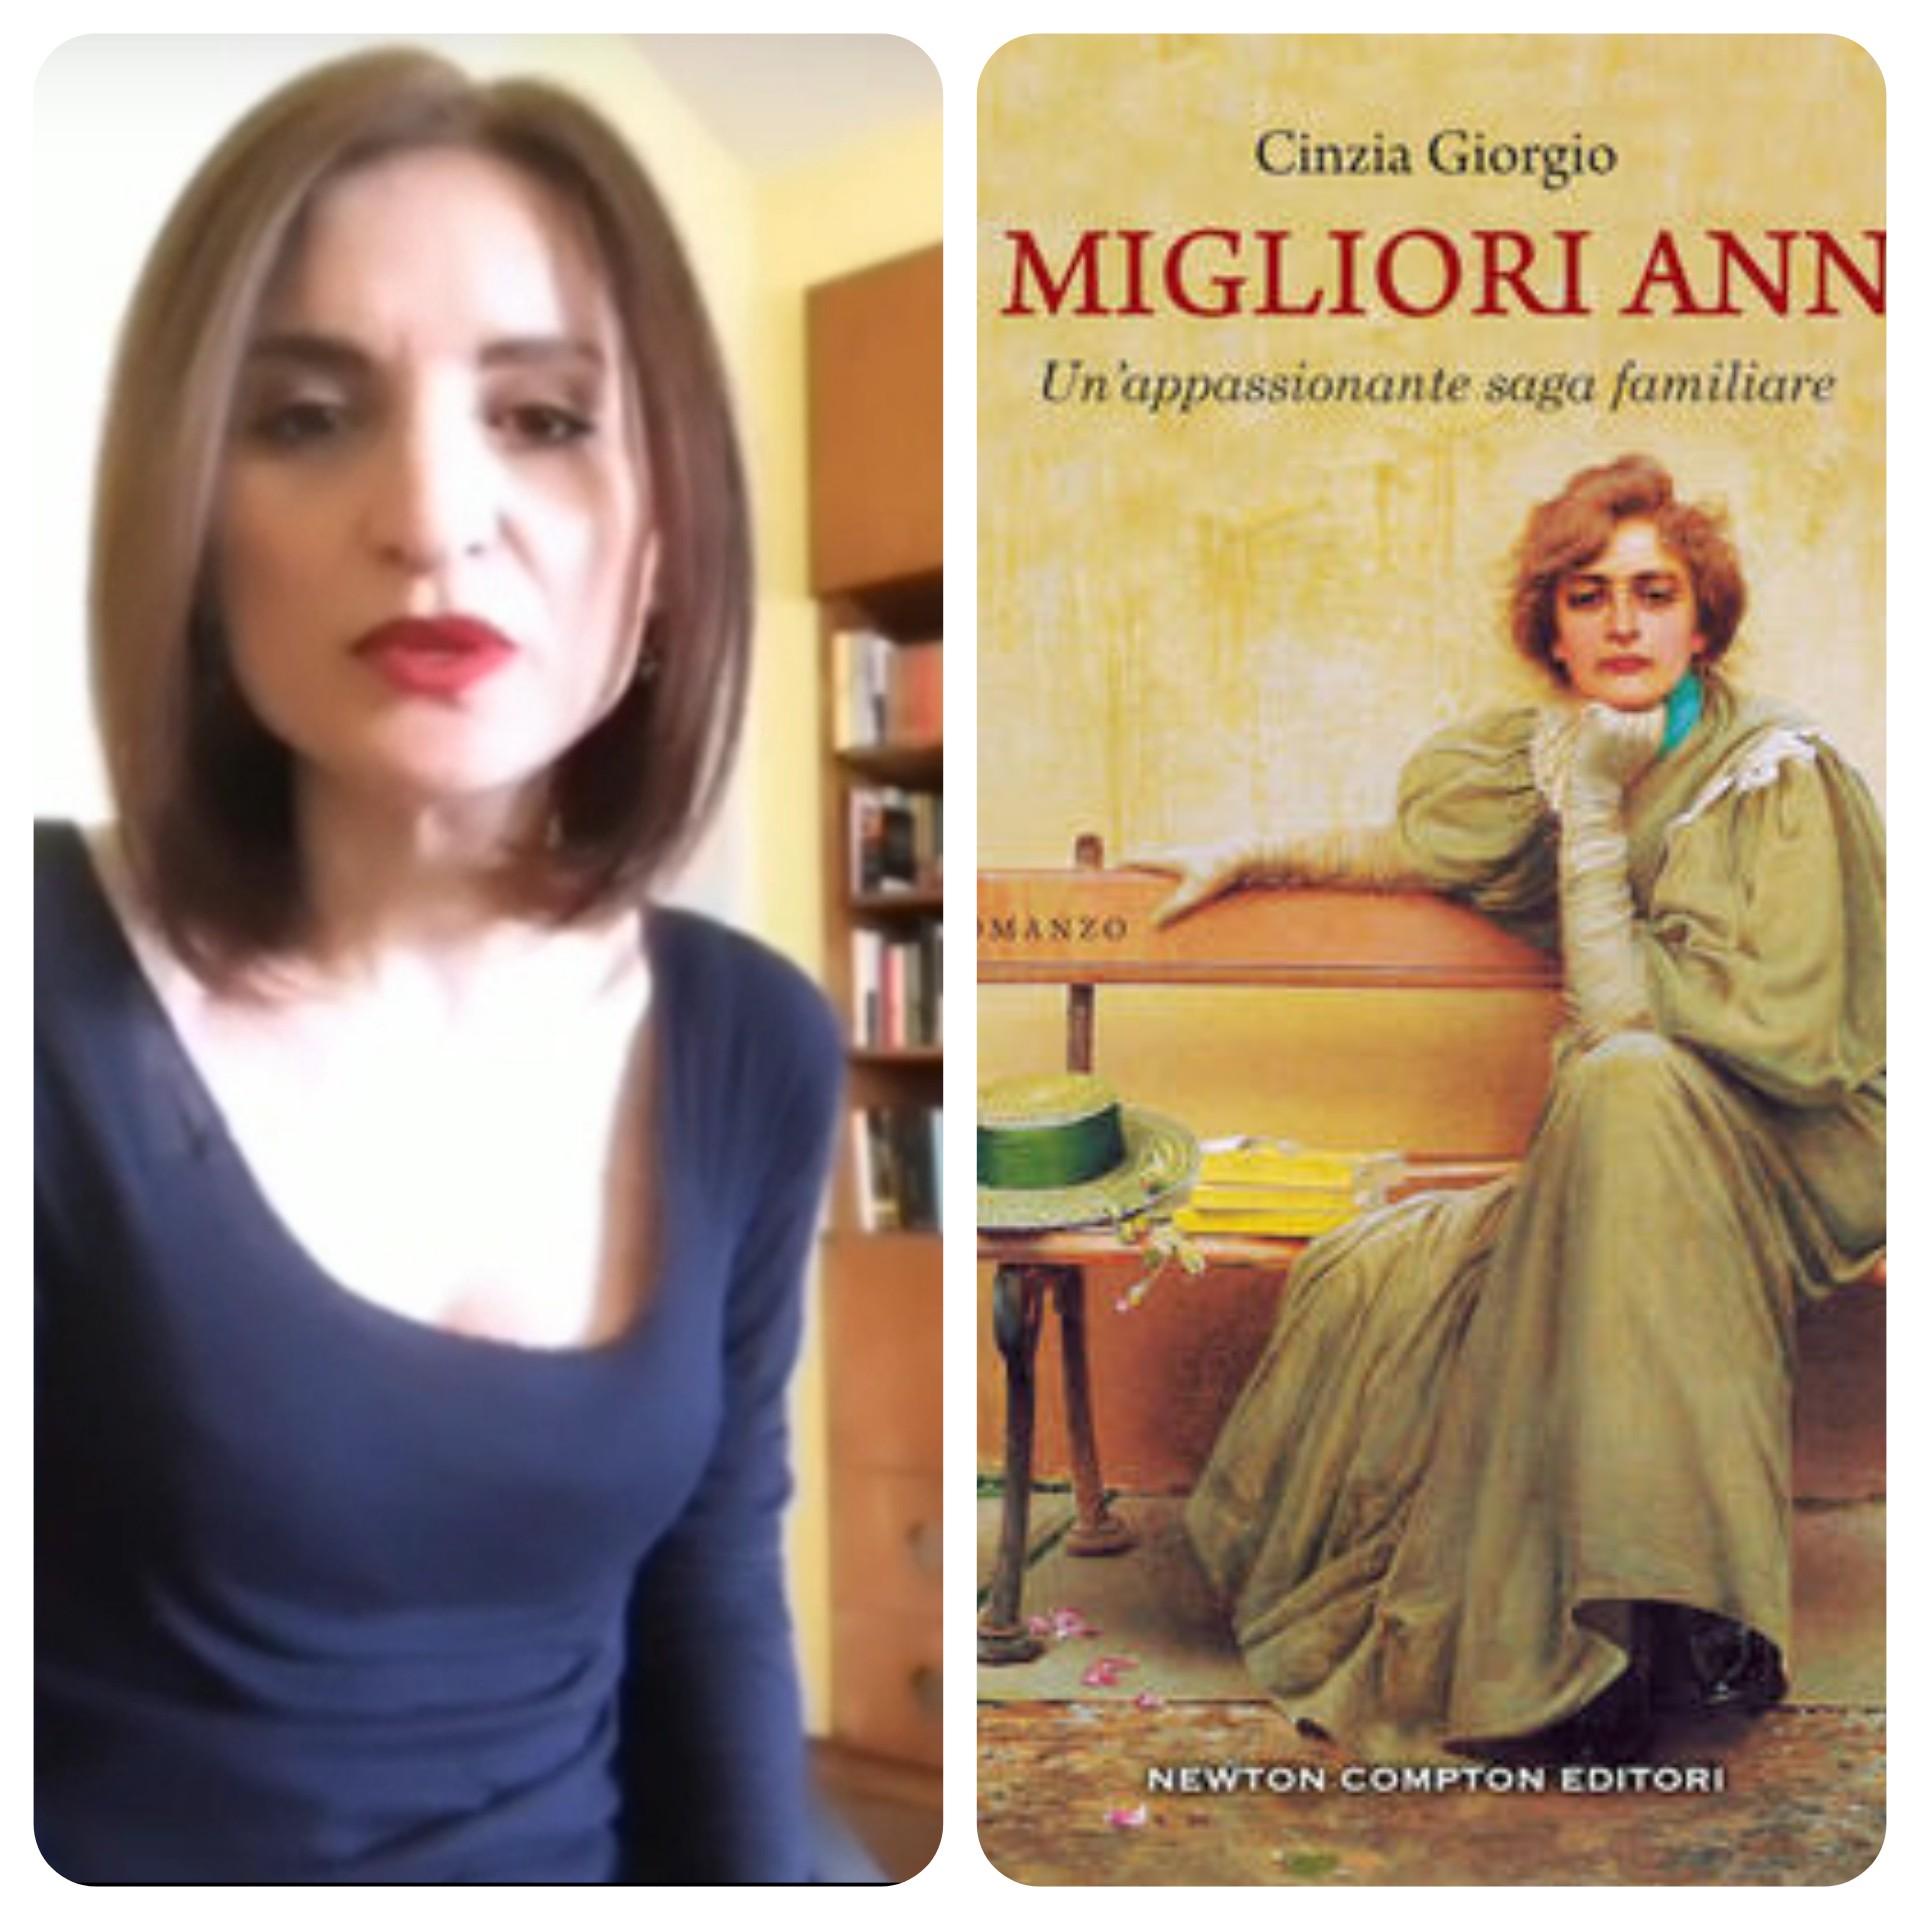 """""""Ve lo legge lo scrittore"""" con Cinzia Giorgio autrice del romanzo """"I migliori anni"""" edito da Newton Compton"""